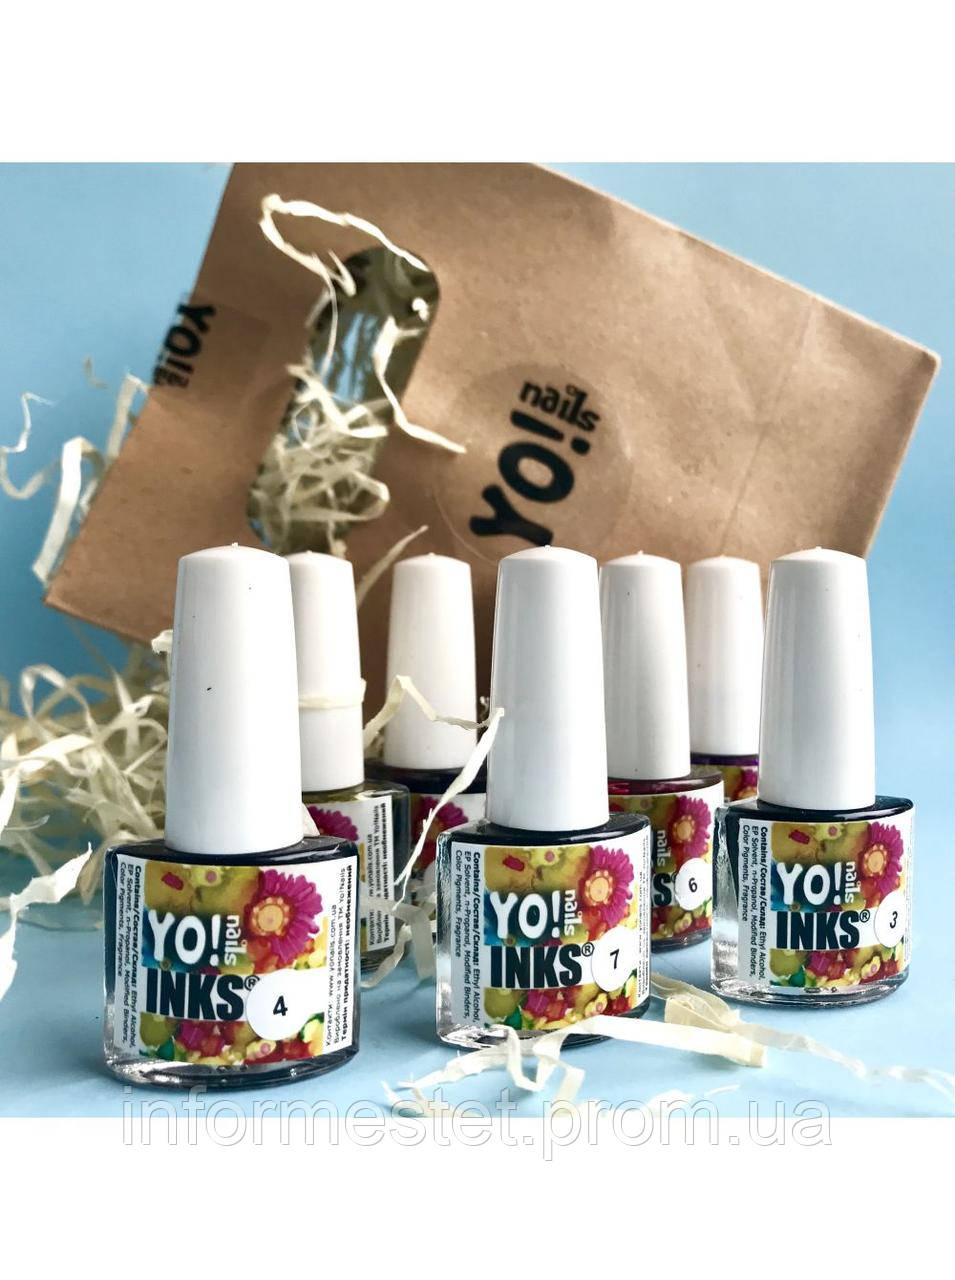 Набор чернил Yo nails Inks , 8 цветов, 5 мл